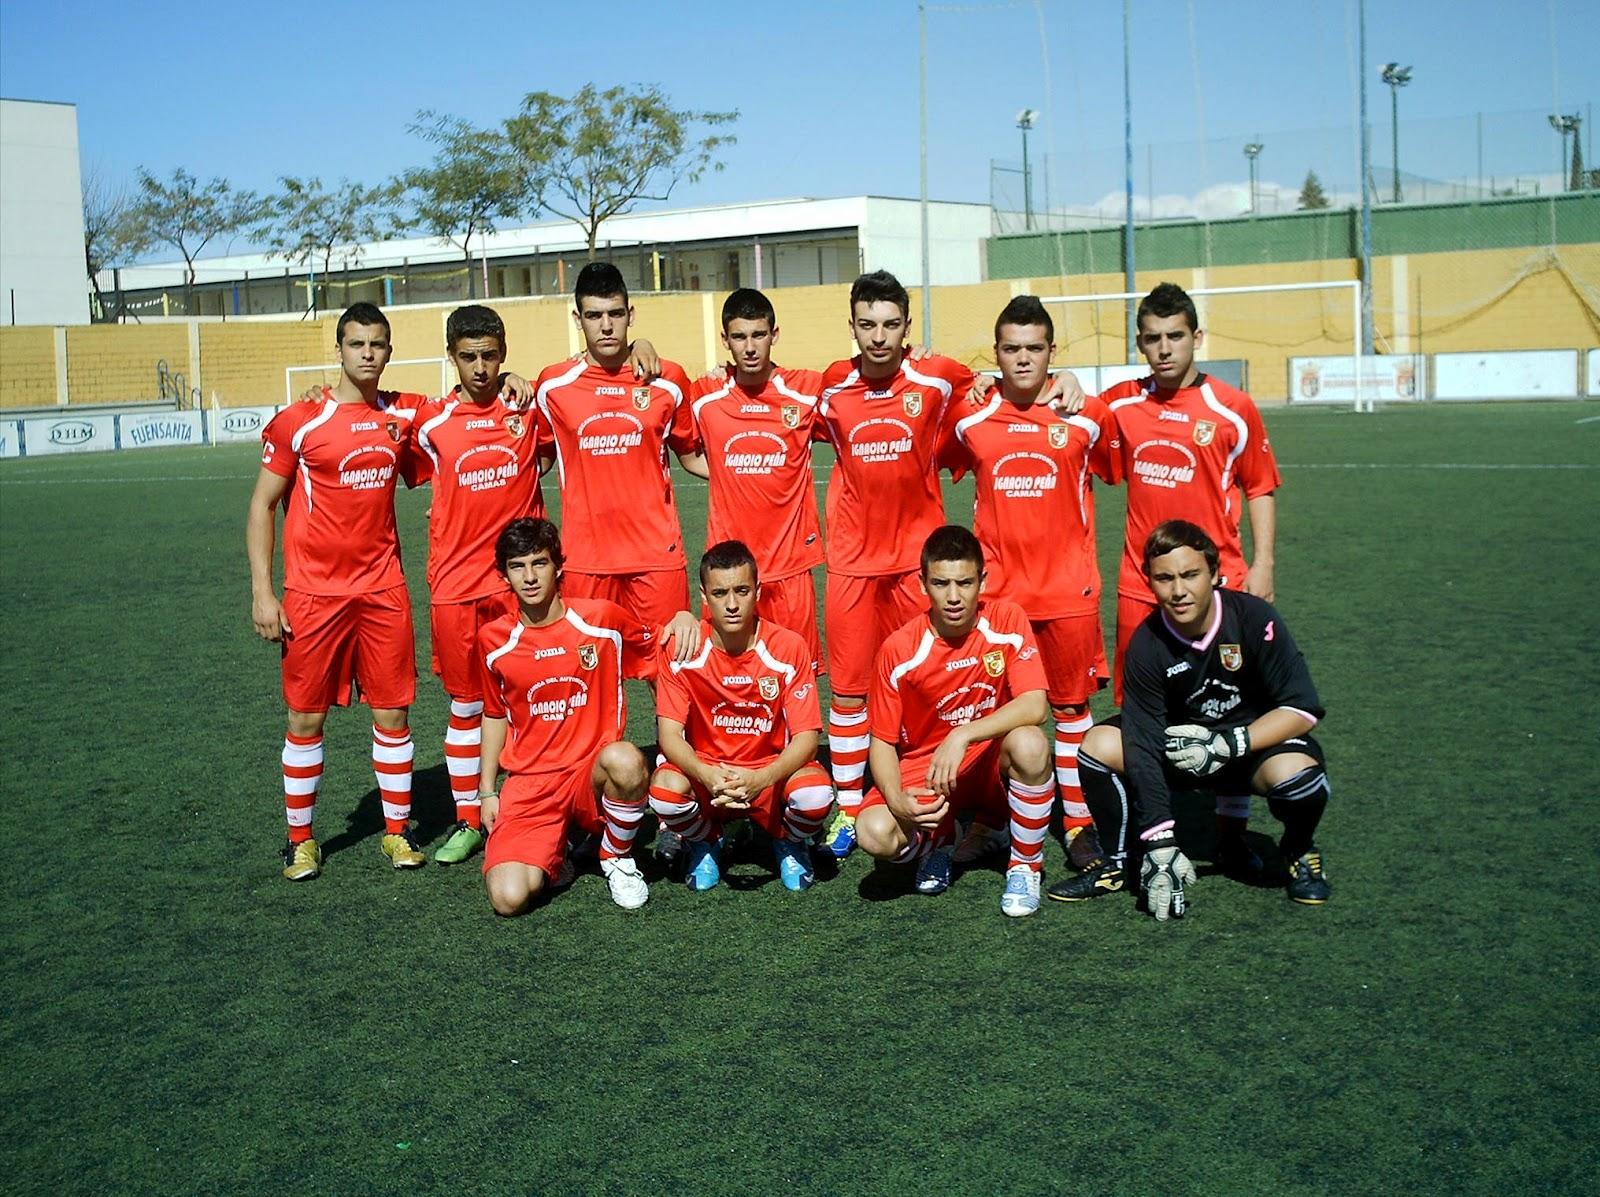 Club deportivo futbol base gerena marzo 2012 - Como quitar la mala racha ...